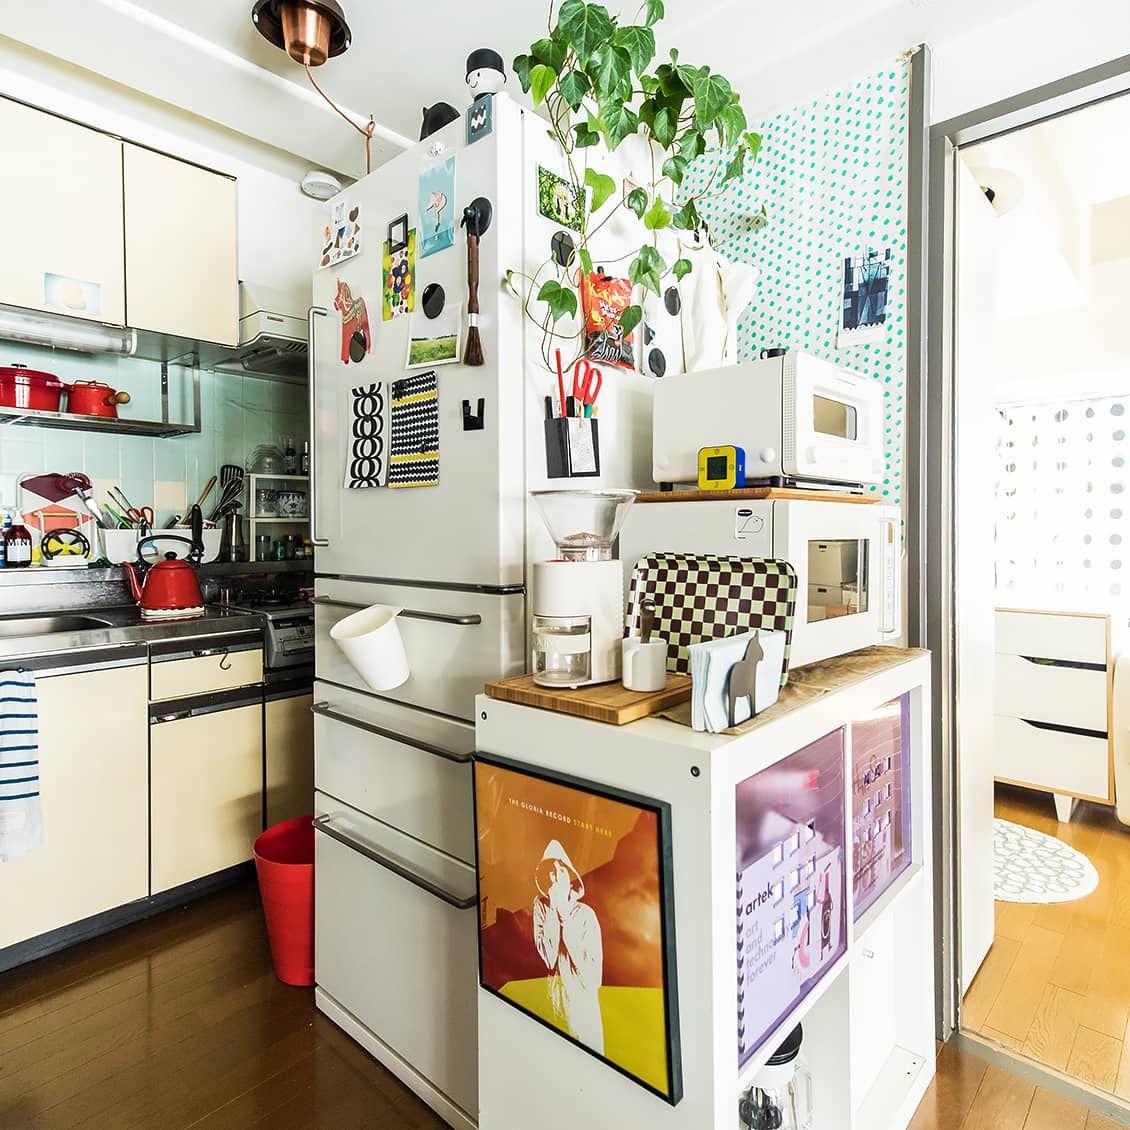 玄関あけたらすぐキッチンの1ldk 区切り がカギ 上手な家具配置のコツ キッチン間取り 狭い家の生活 インテリア